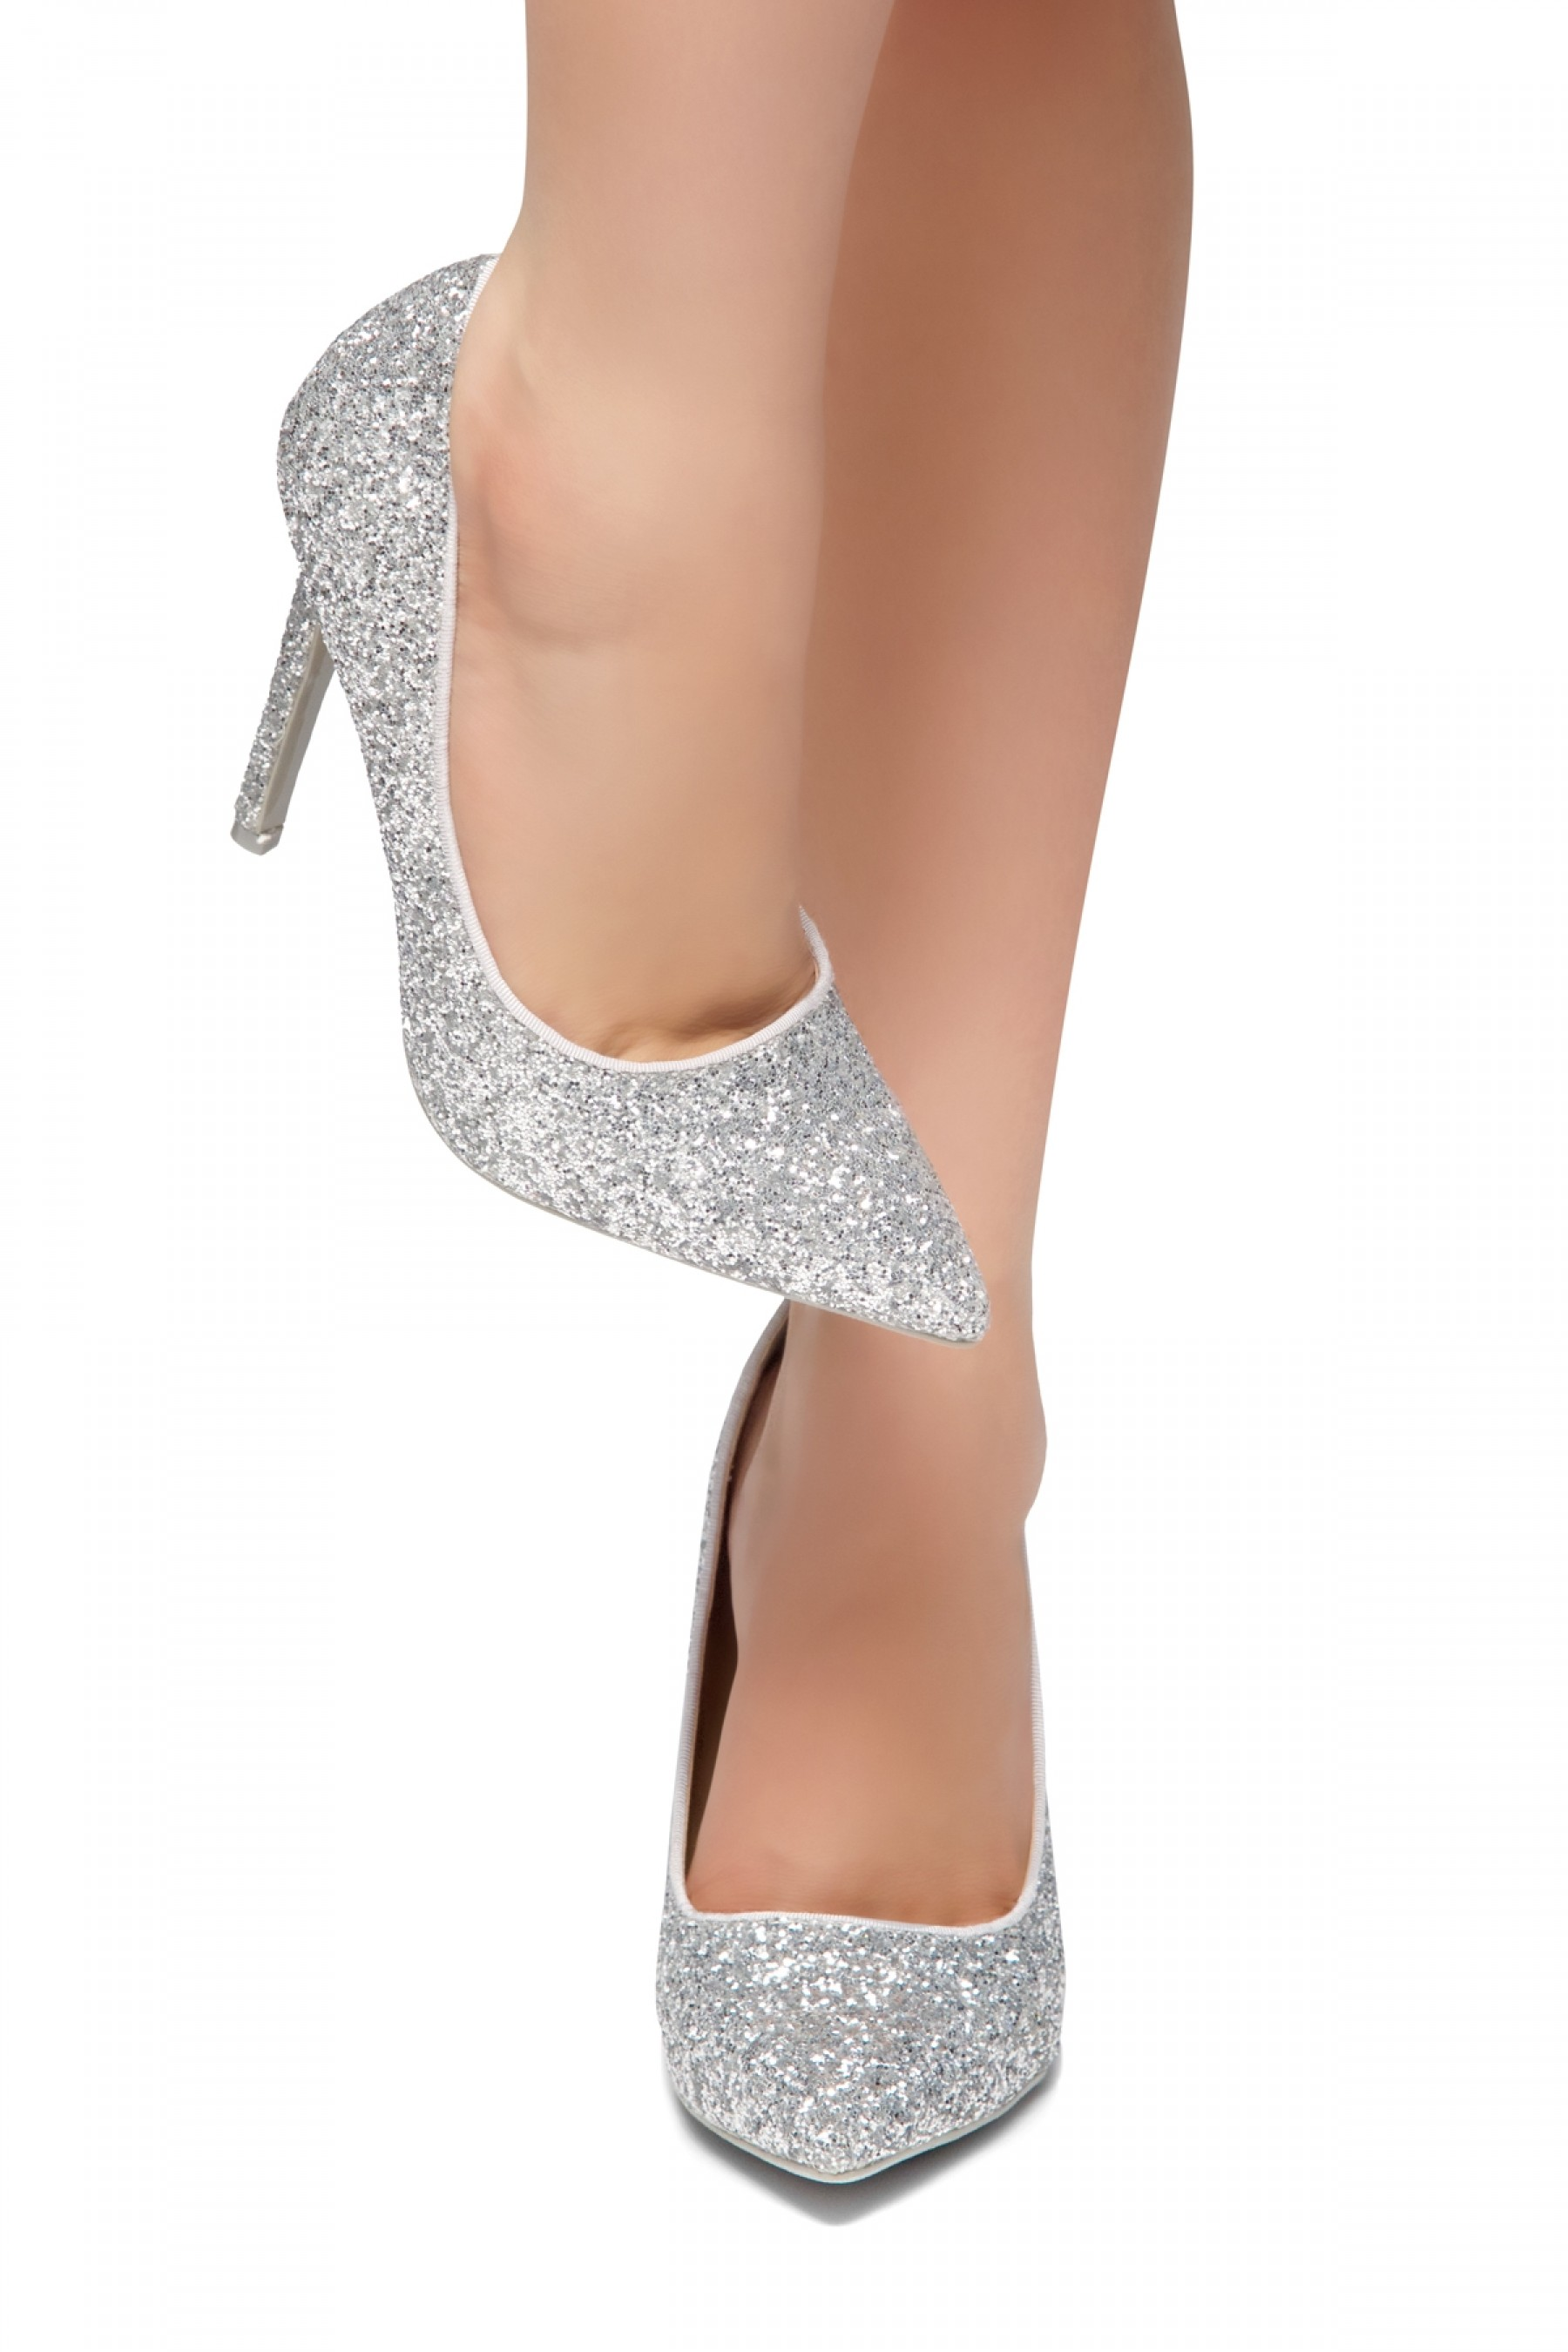 HerStyle Daisie- Glitter Details, Pointed Toe, Stiletto Heel (Silver Glitter)